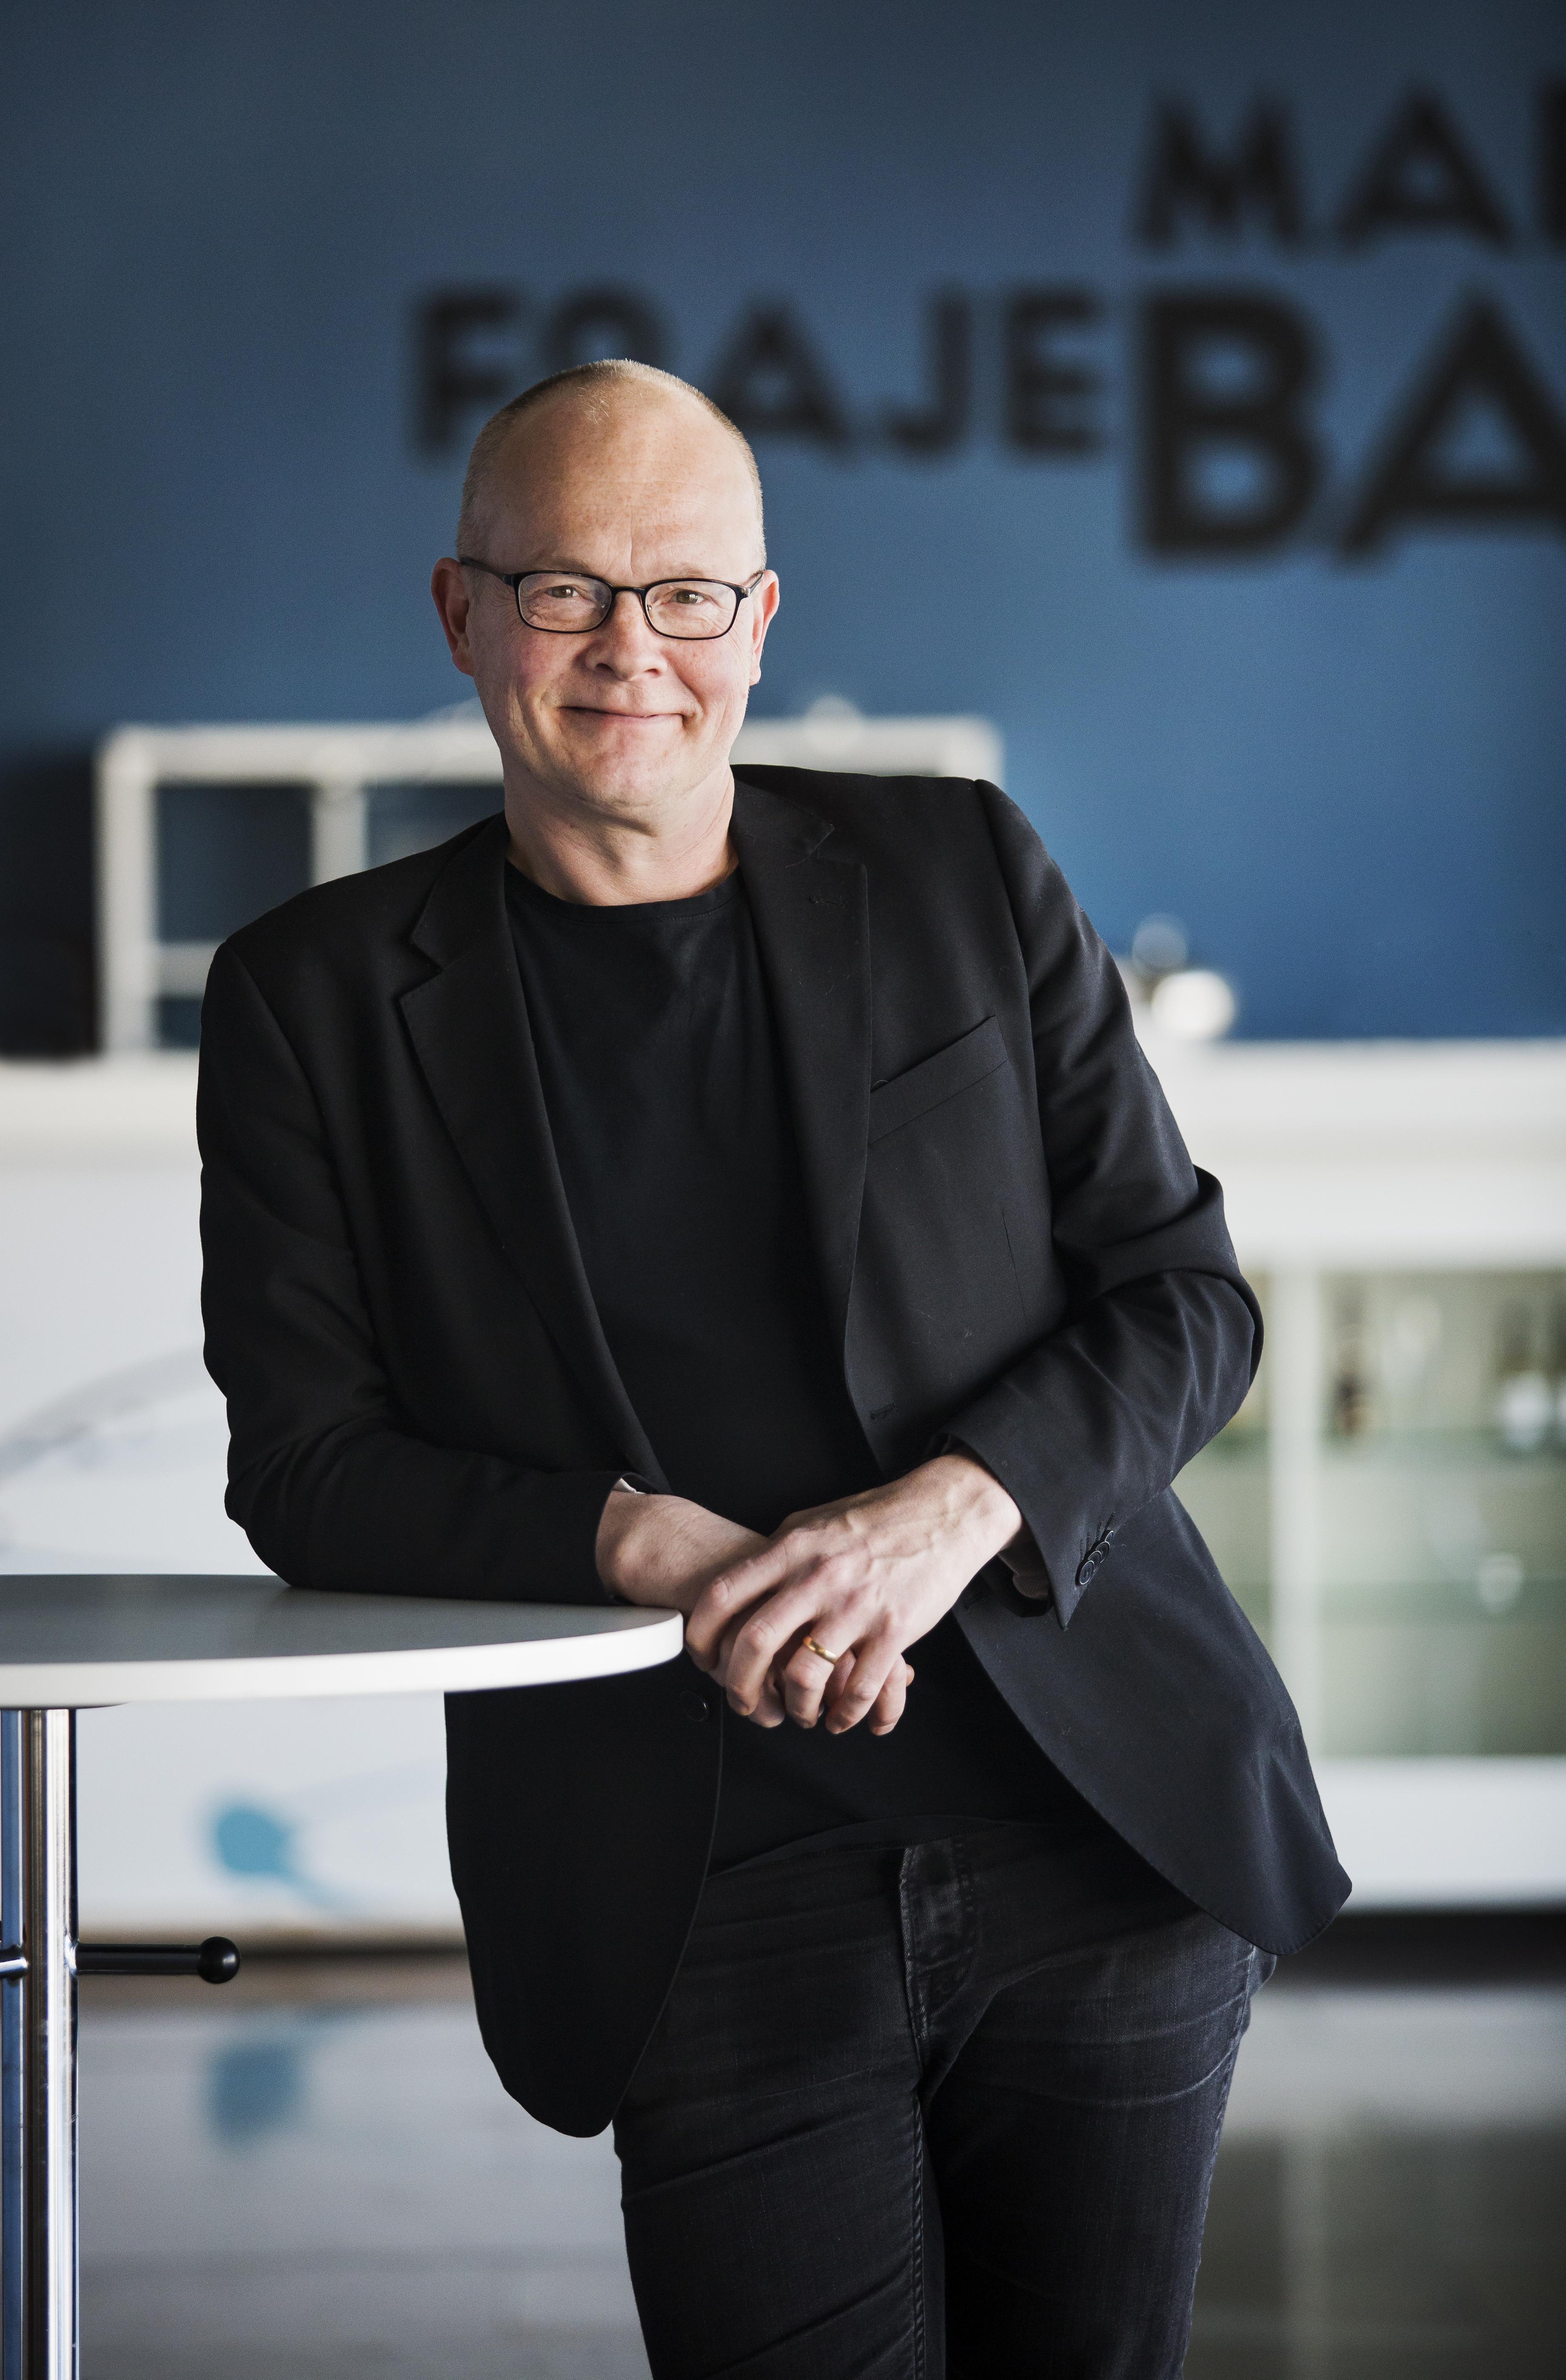 Fredrik Österling är chef för Konserthuset i Helsingborg, just nu komponerar han musiken till kortoperan om krisen i Svenska Akademien. Foto: Sarah Perfekt